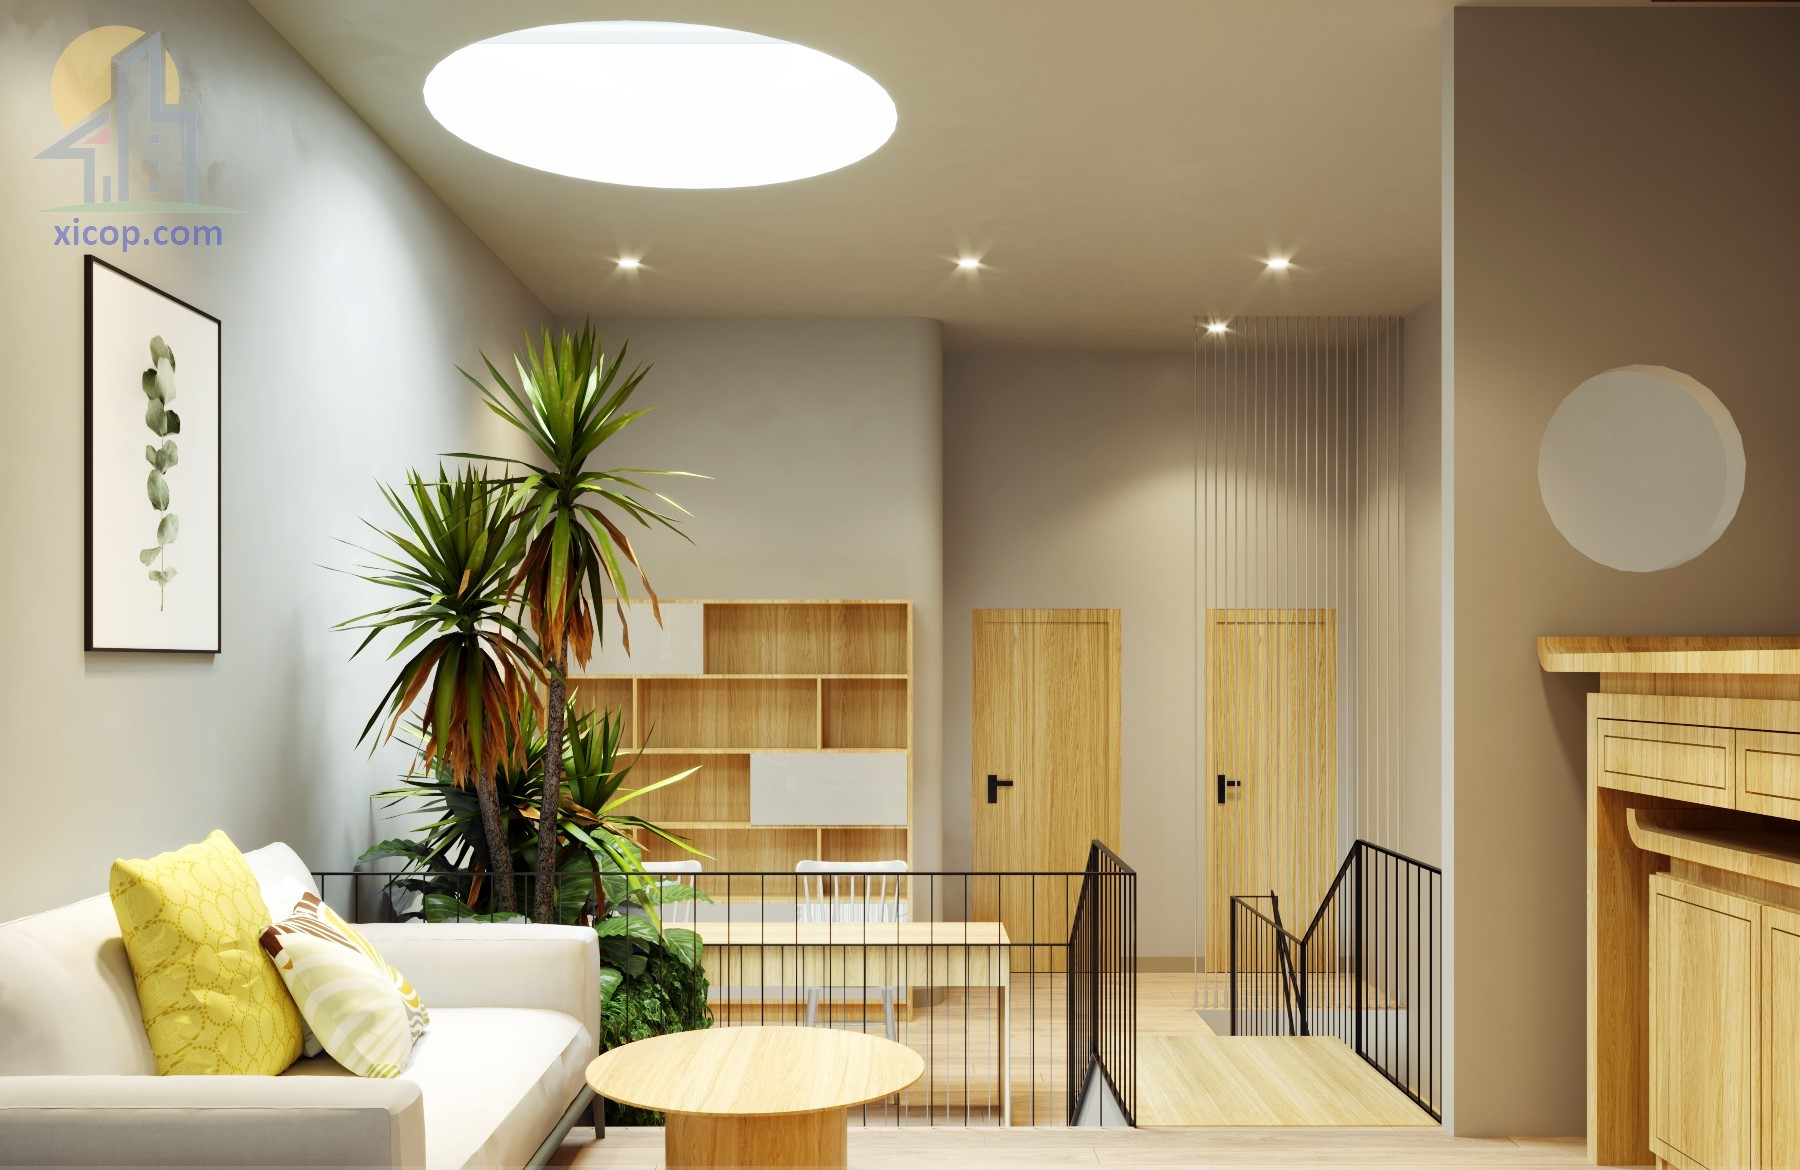 Nhà phố phong cách hiện đại theo mẫu thiết kế nhà phố 3 tầng đẹp